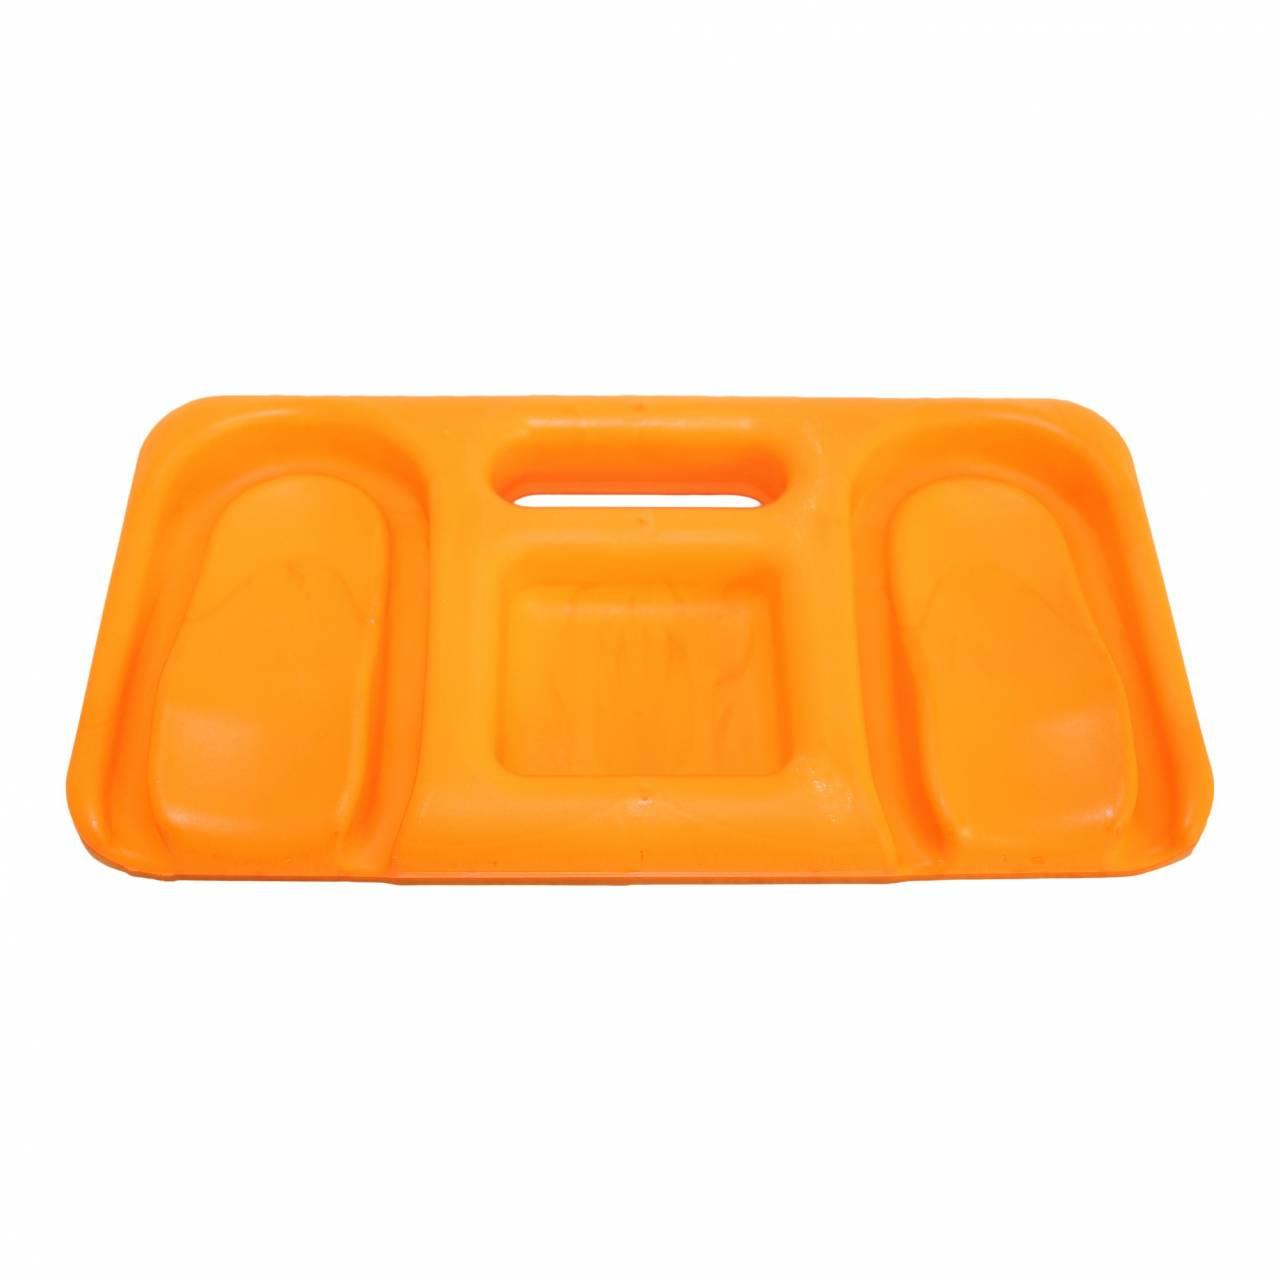 Kniekissen 'Ergo-Form', orange / Stück